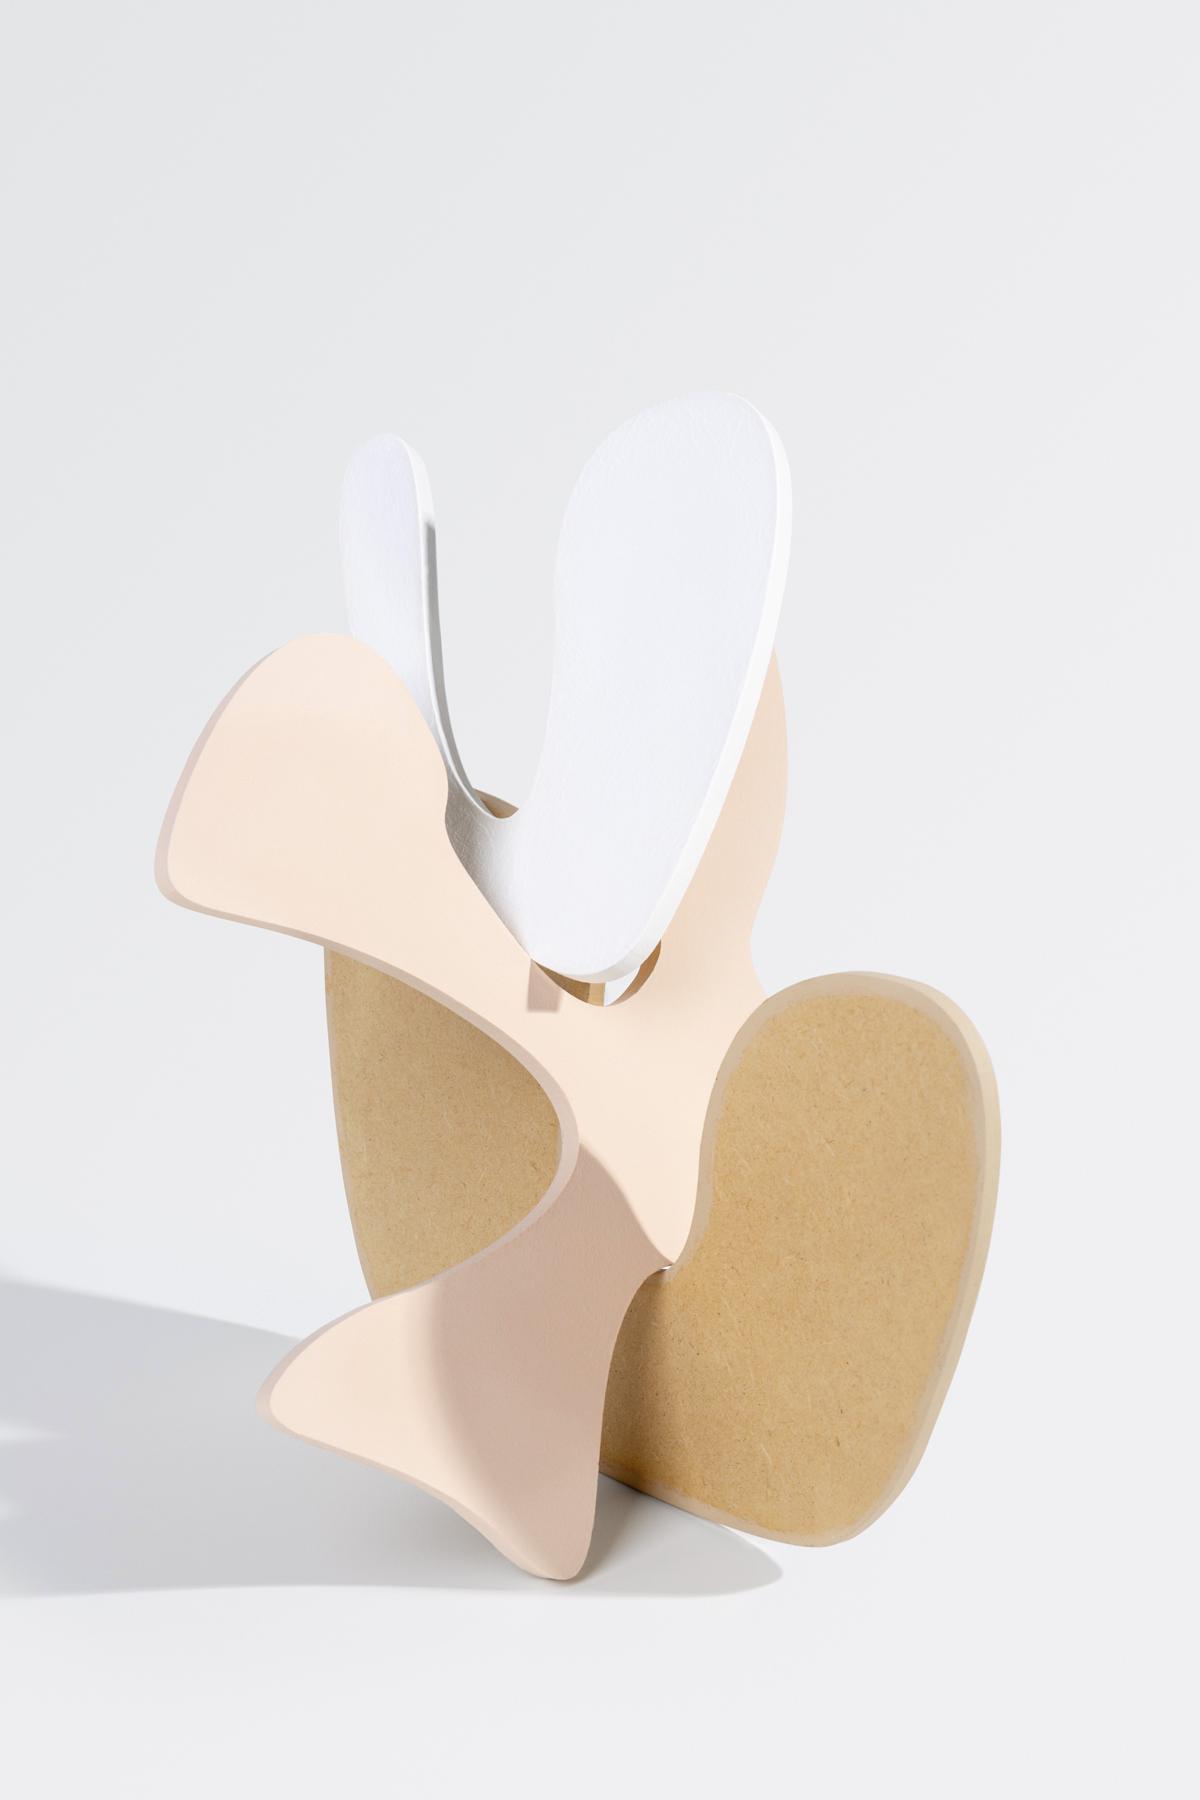 Amy Friend Set Design Ltd. - FORMS